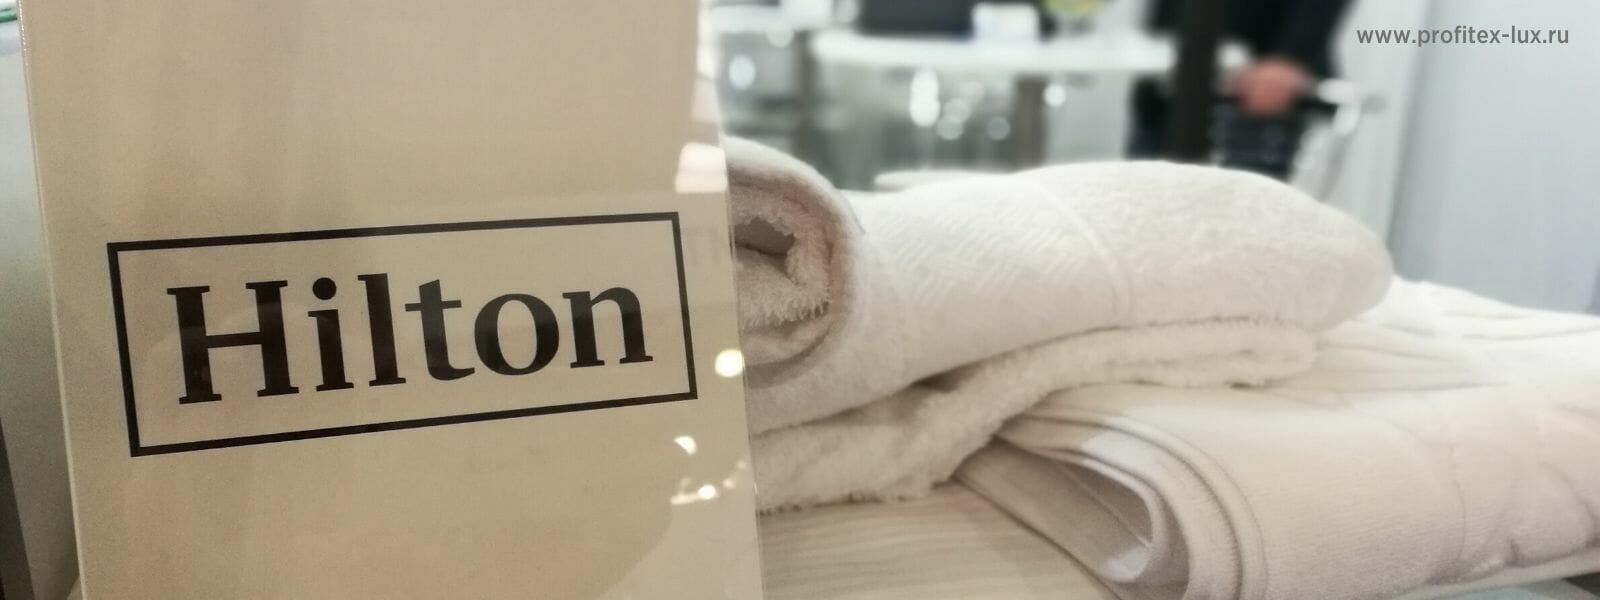 Текстиль для гостиниц и отелей